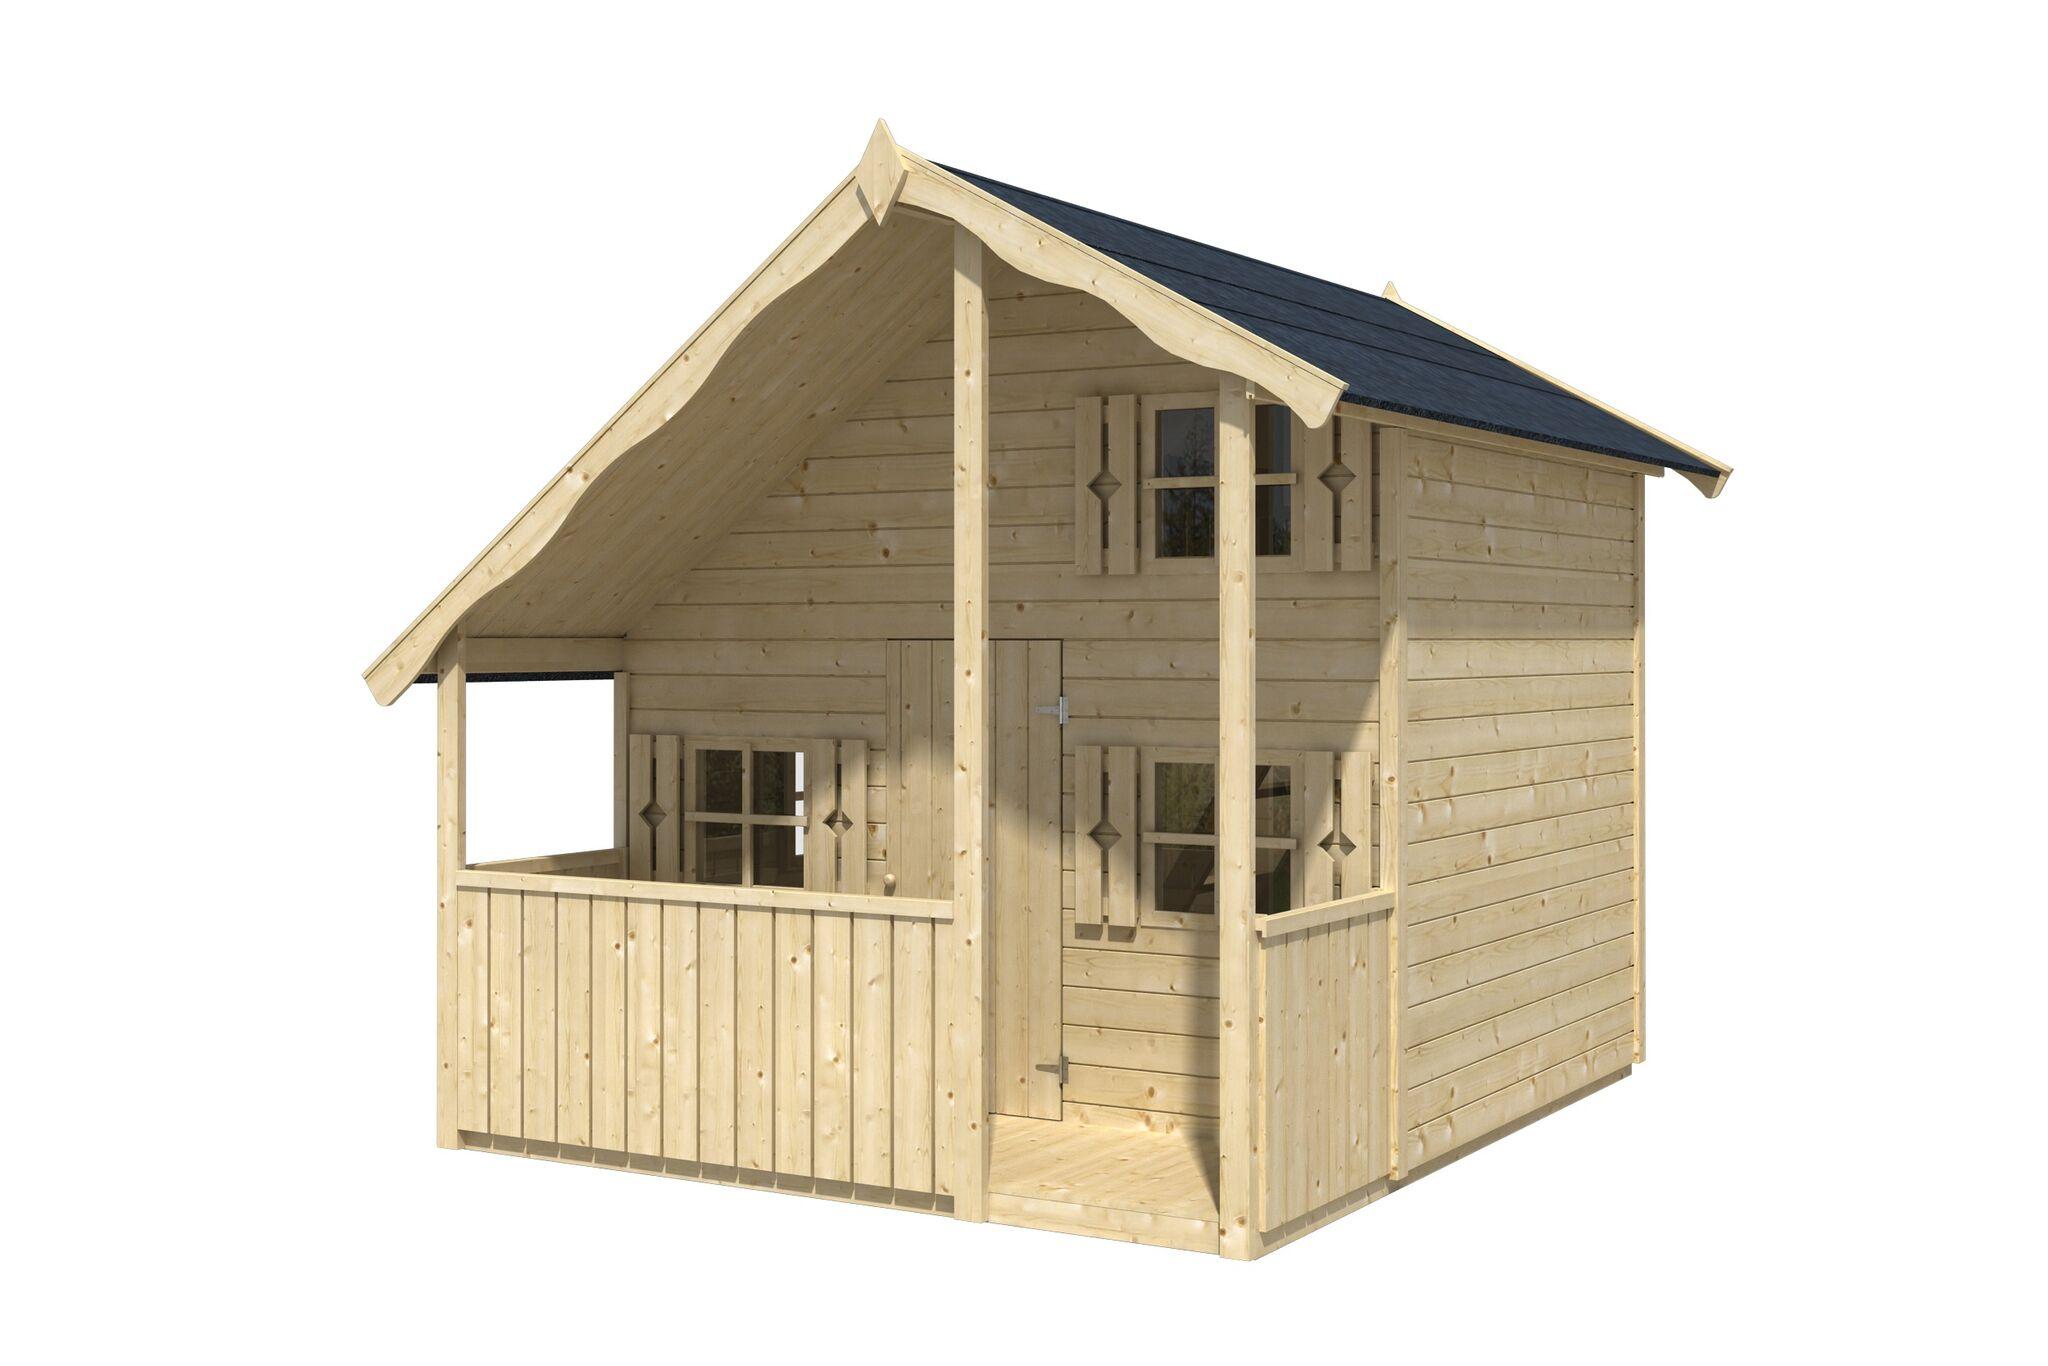 spielh user spielger te f r kinder holzmarkt riegelsberger. Black Bedroom Furniture Sets. Home Design Ideas